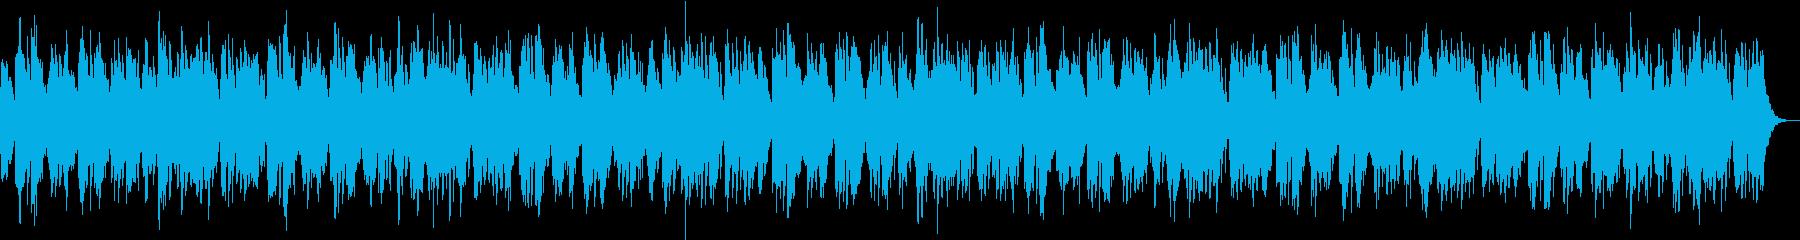 ゆったりした映像に合うヒーリングBGMの再生済みの波形